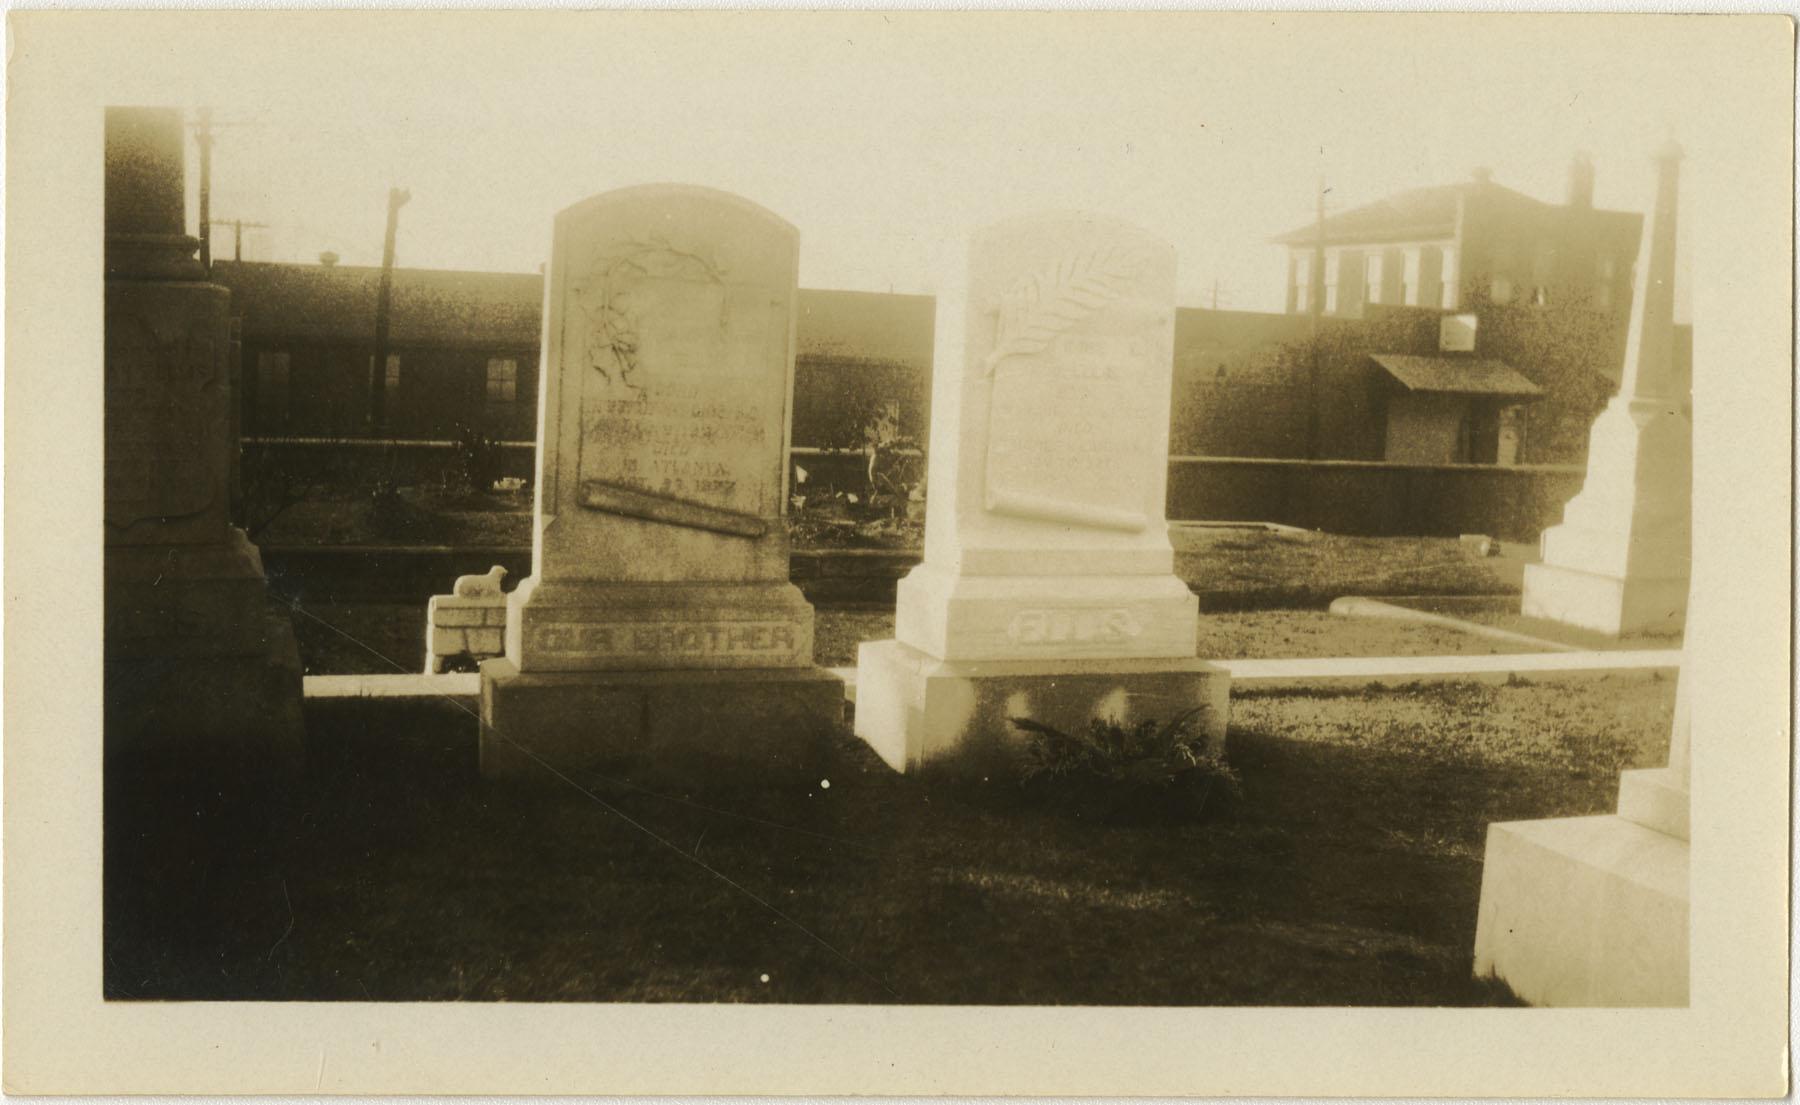 Ellis Gravestones 1